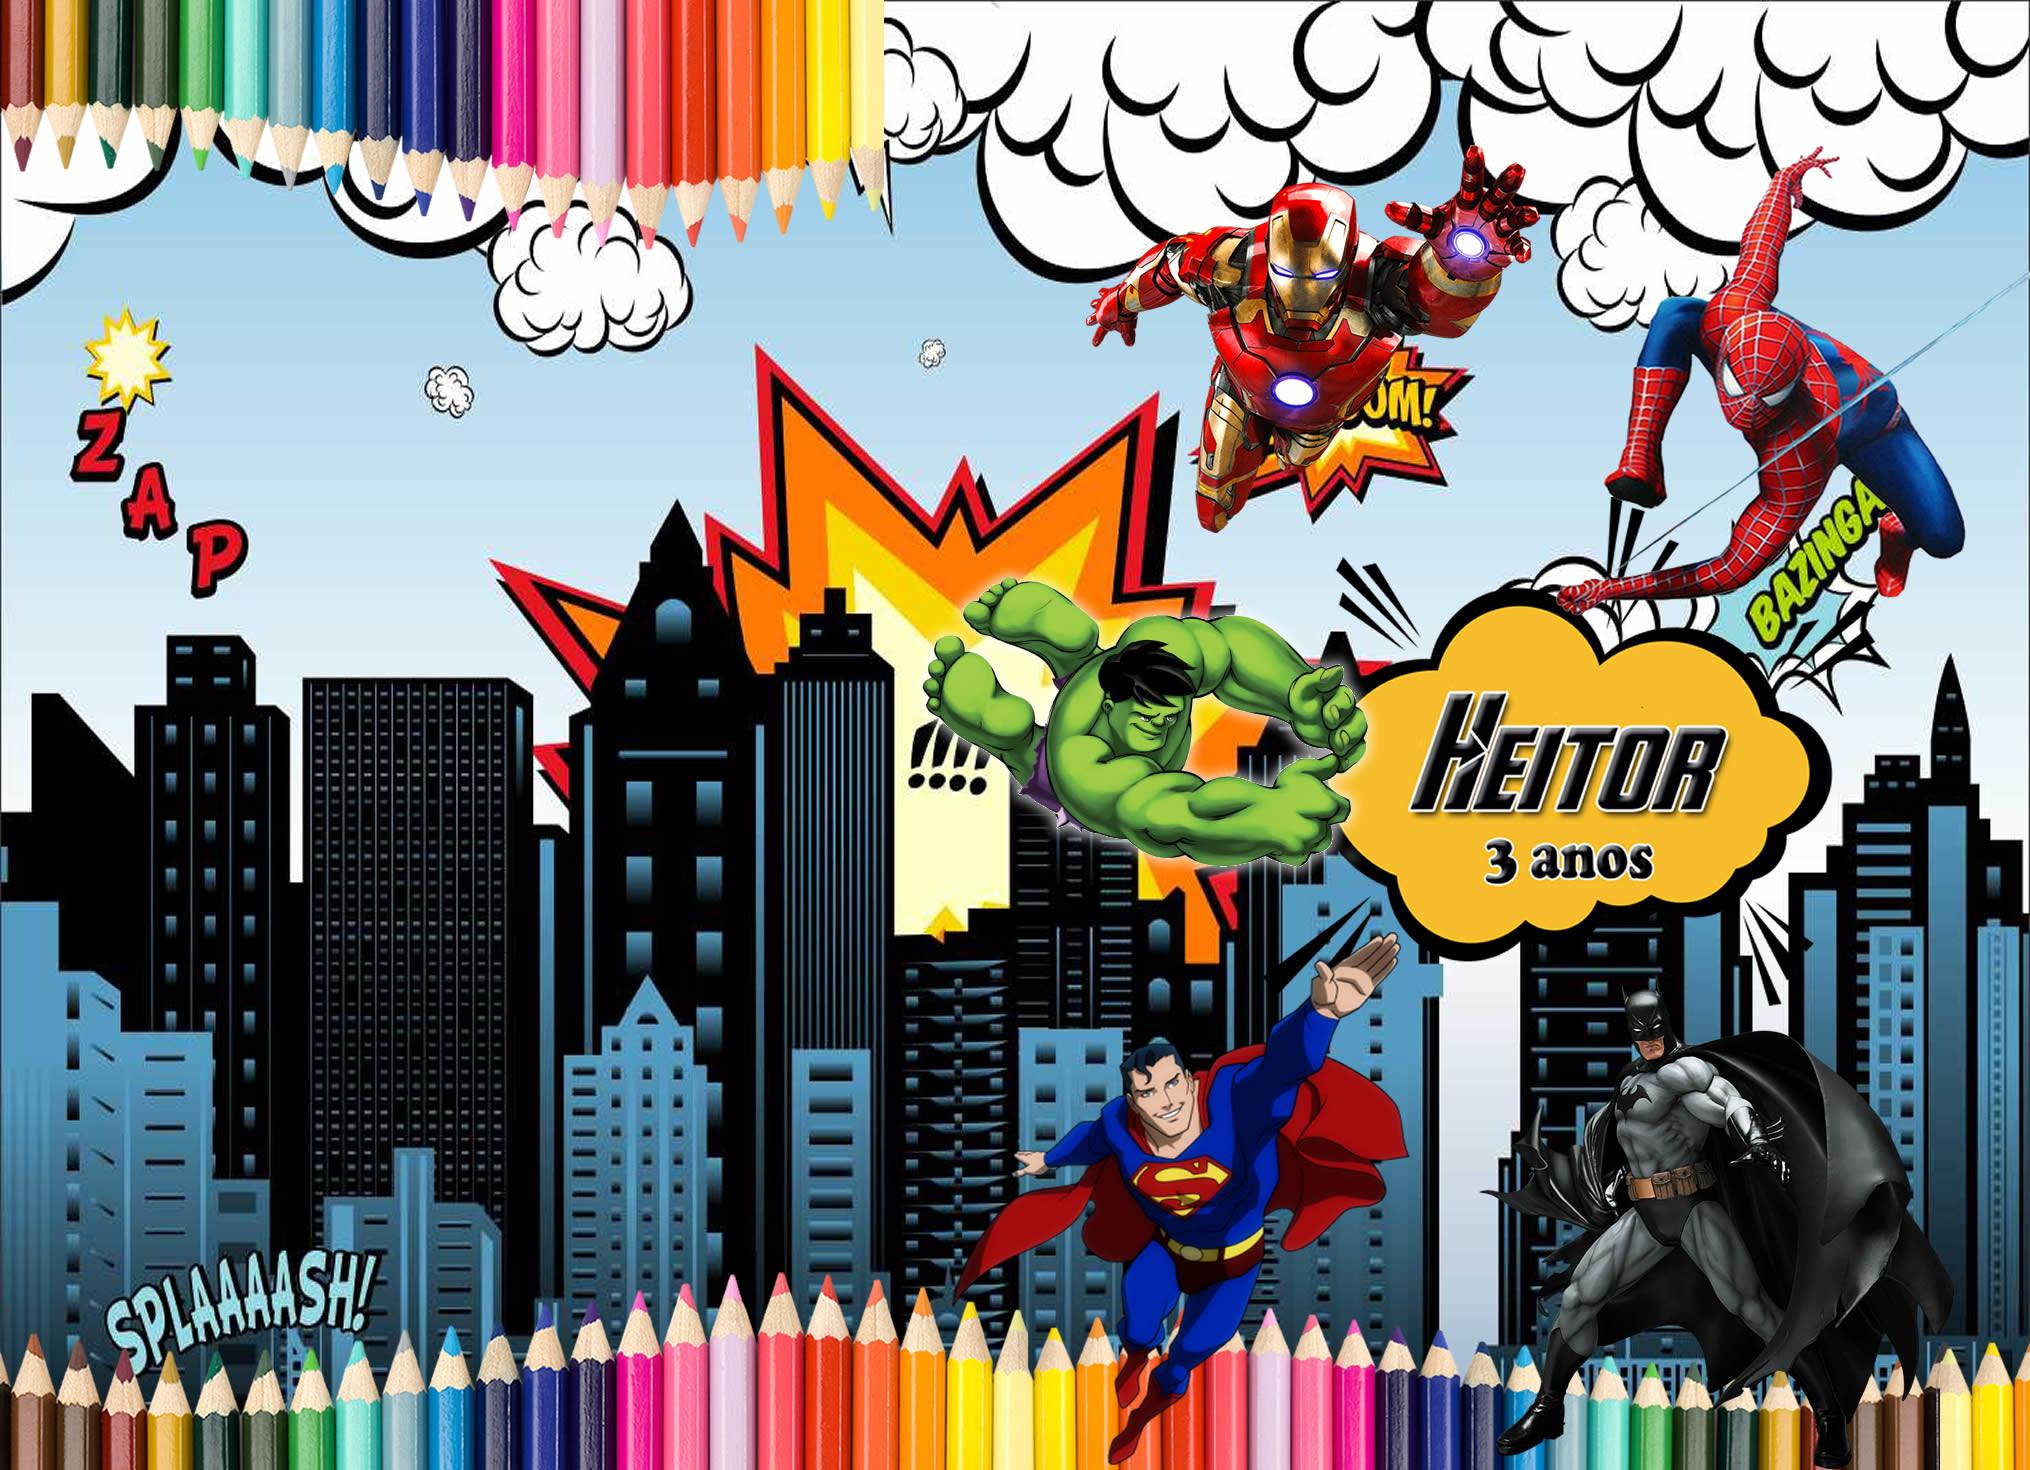 Revistinha De Colorir Super Herois No Elo7 Correas Festas E4b26e